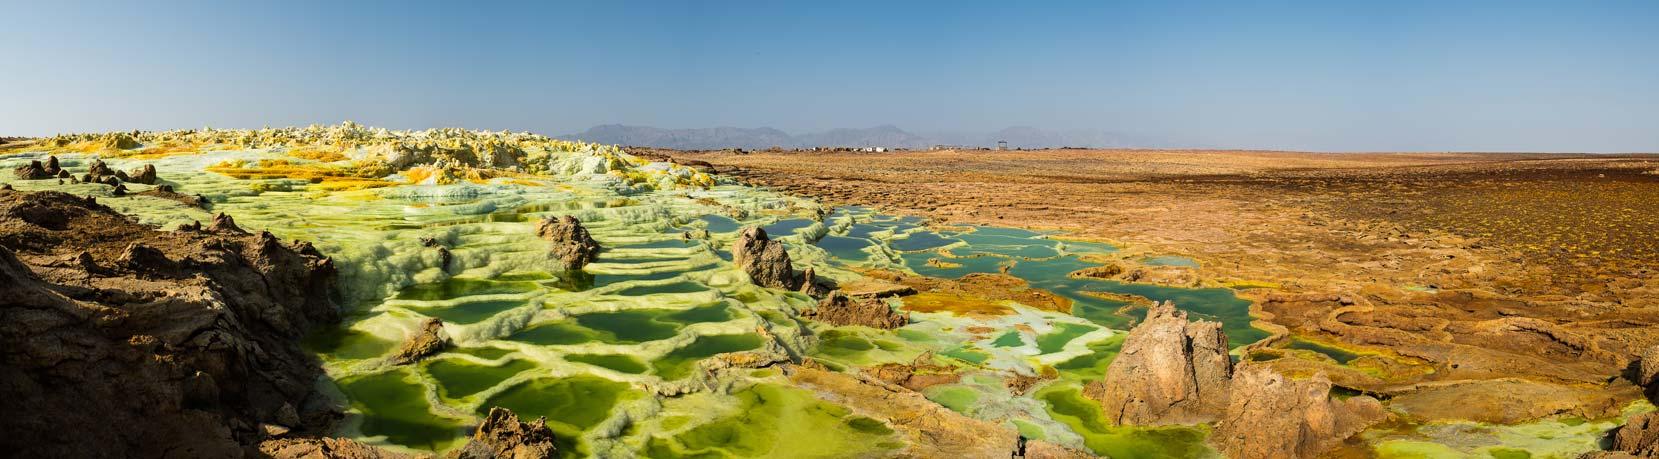 Naturaleza Salvaje: Cataratas Nilo Azul, Desiertos, Sabana, Valle del Rift, Parques Nacionales, Alta Montaña, Lagos, Volcanes...